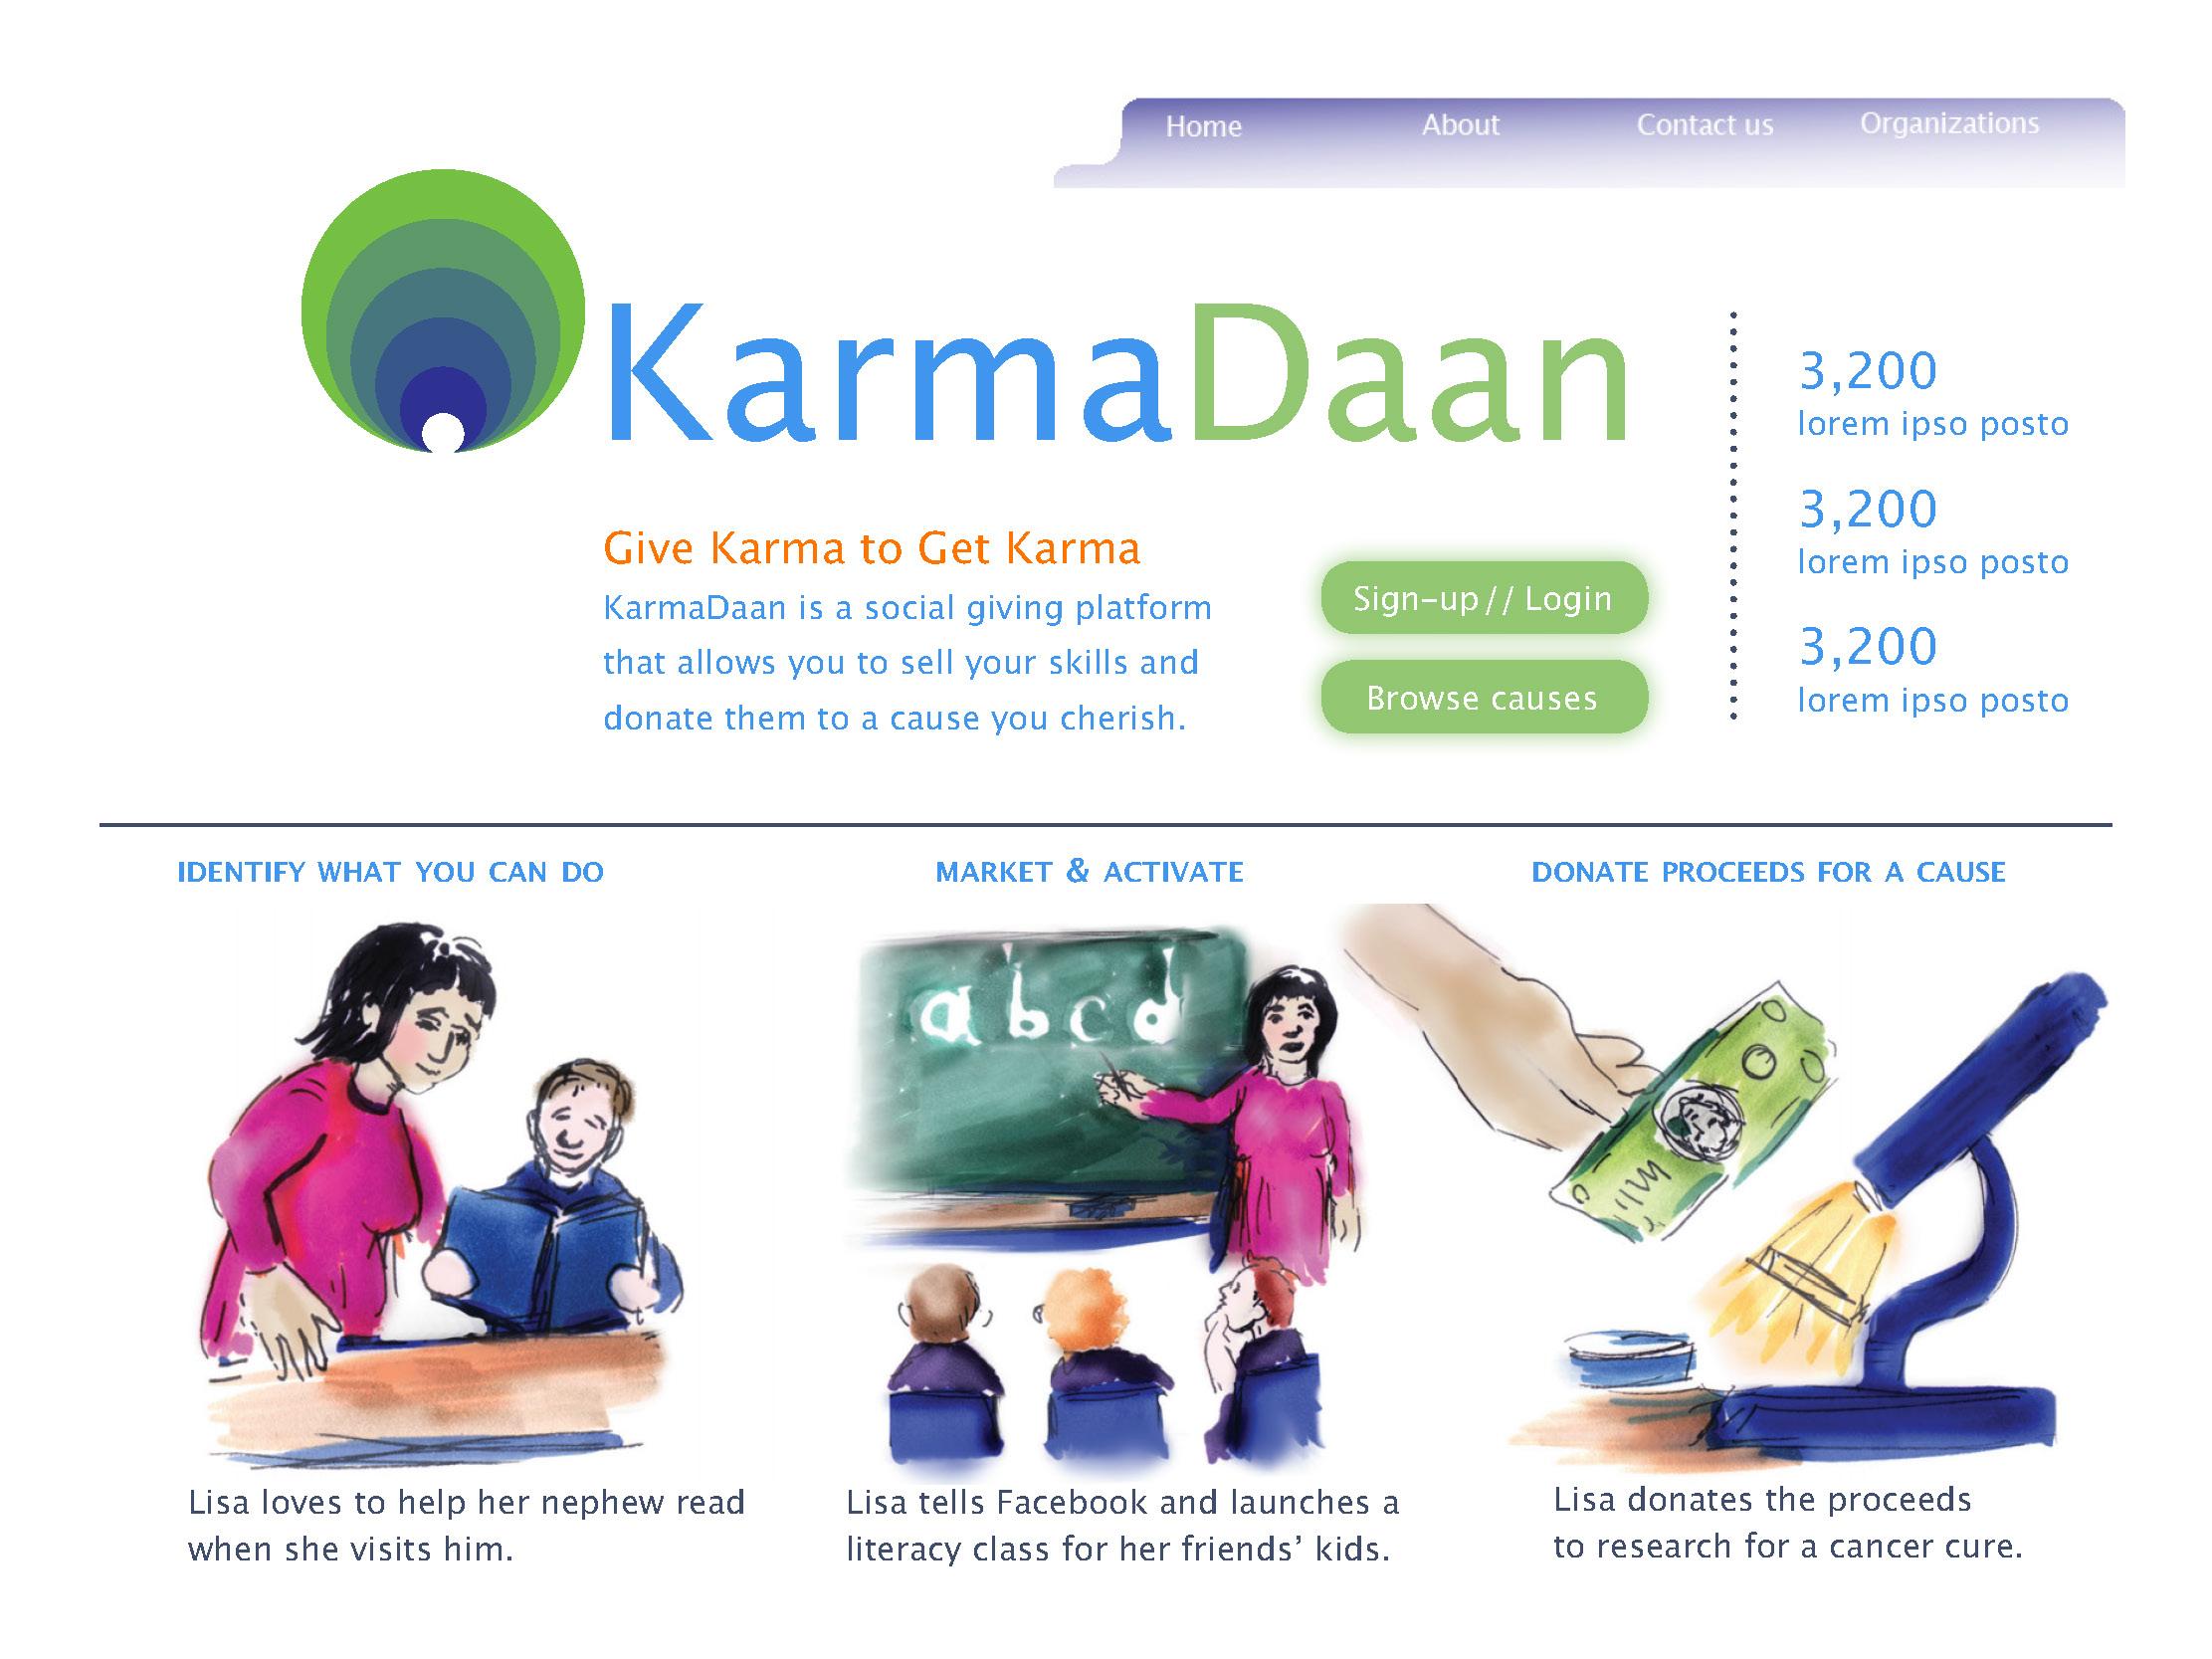 KarmaDaan-11-26-12_Page_03.jpg